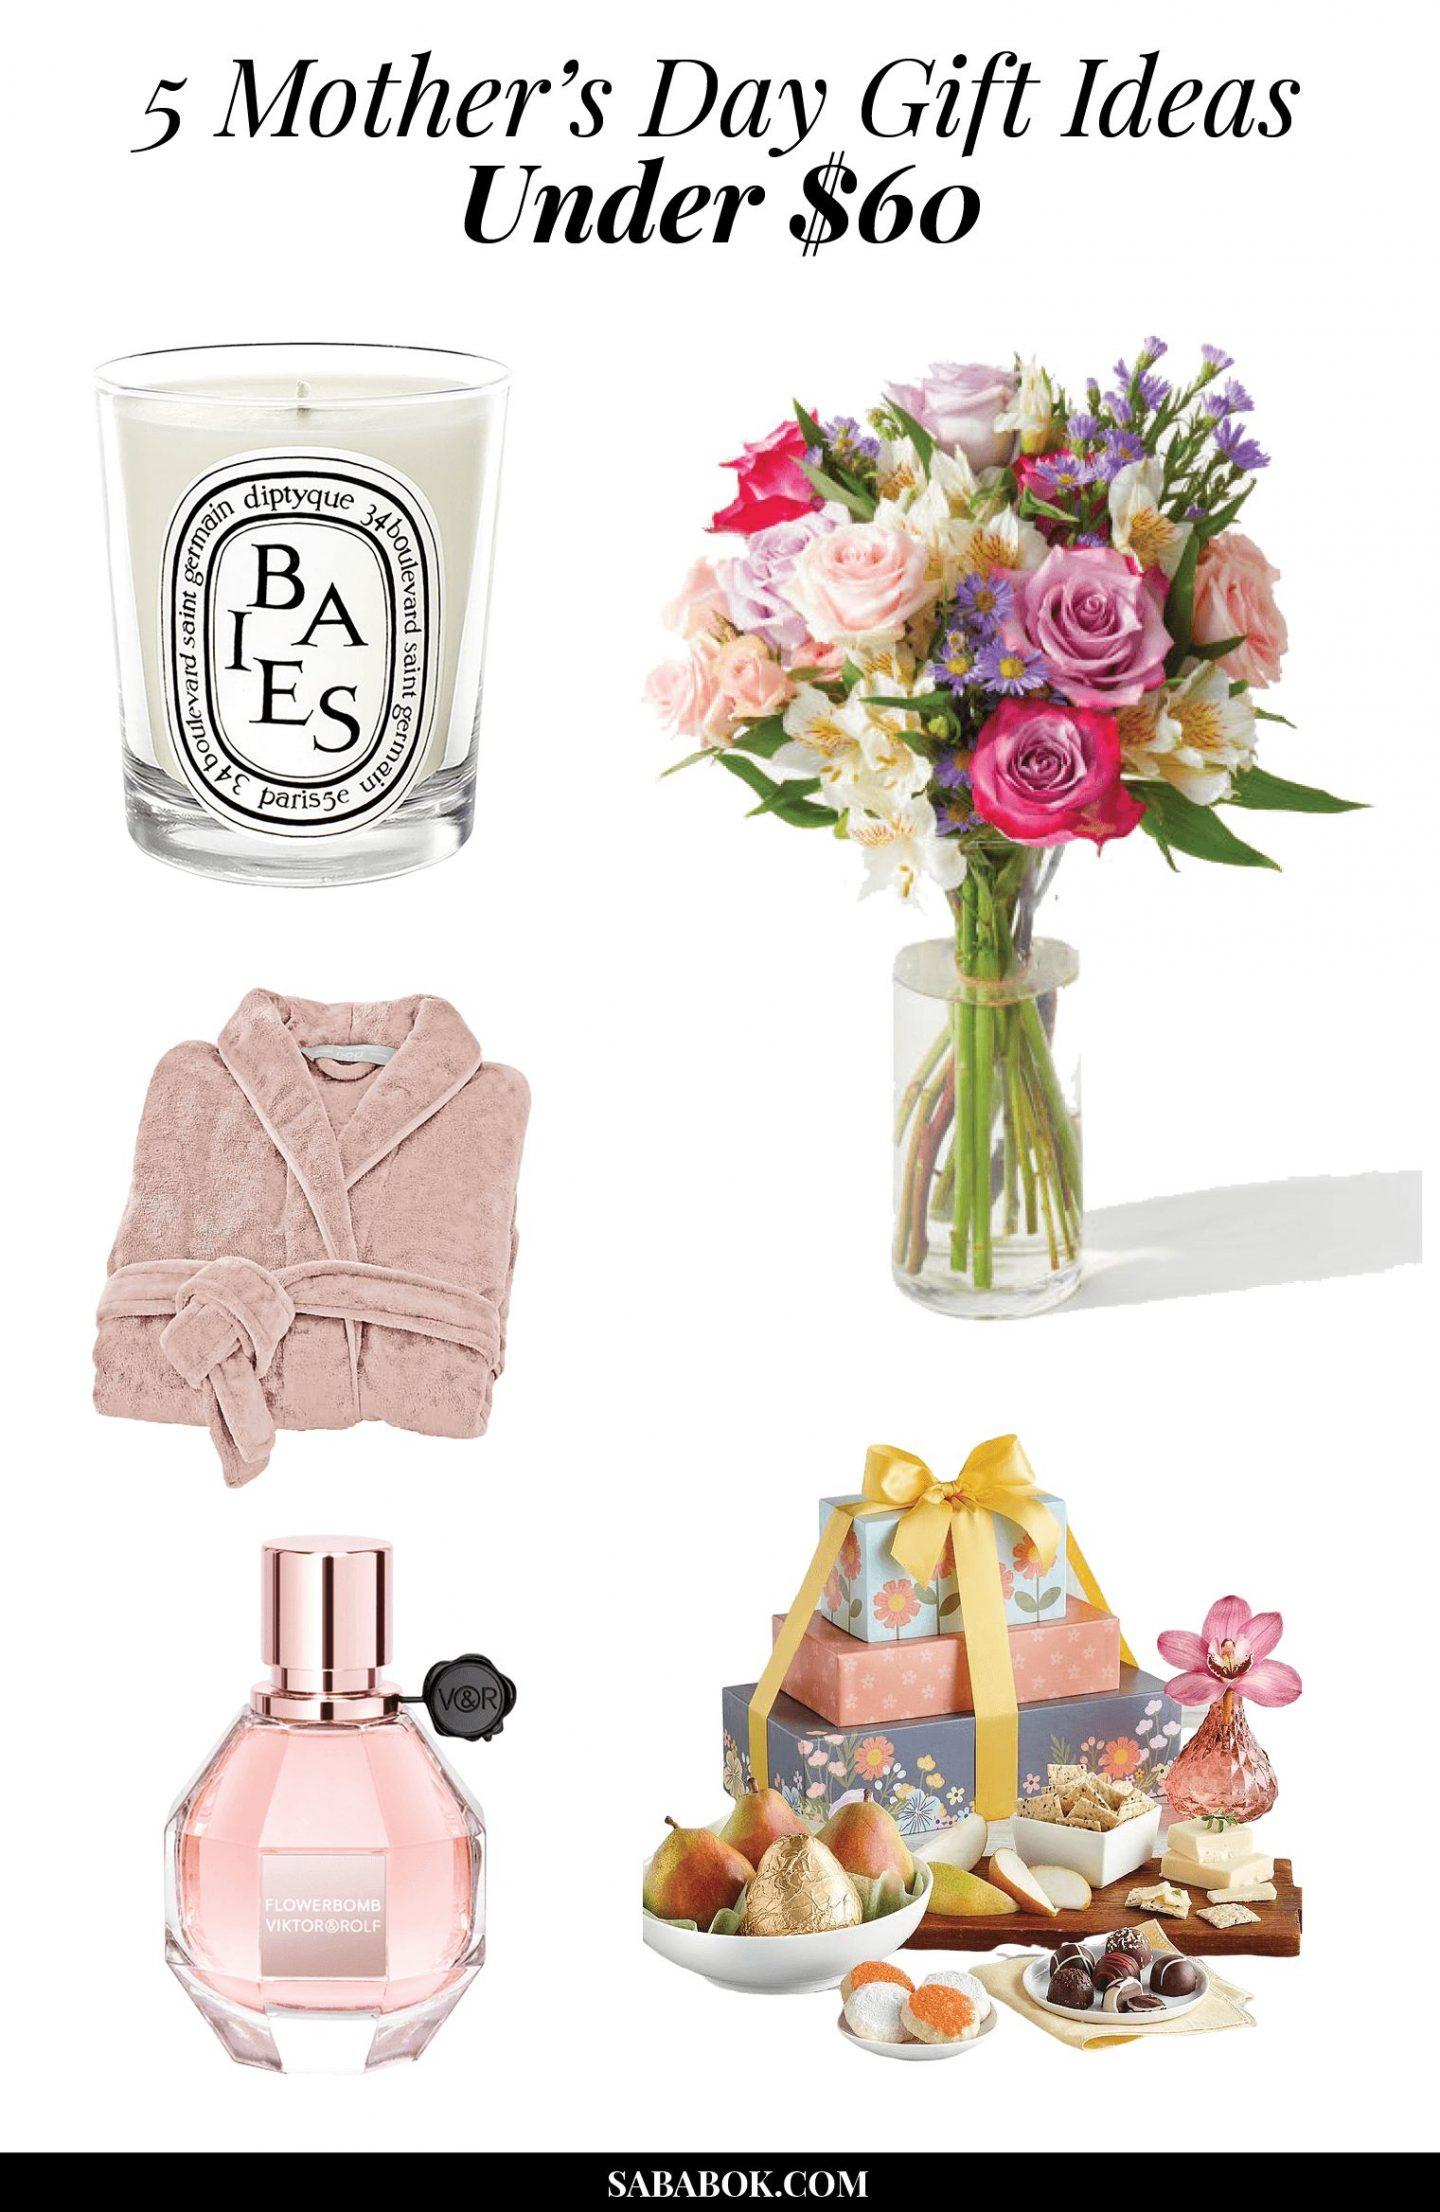 mother's day gift ideas, 5 Mother's Day Gift Ideas Under $60